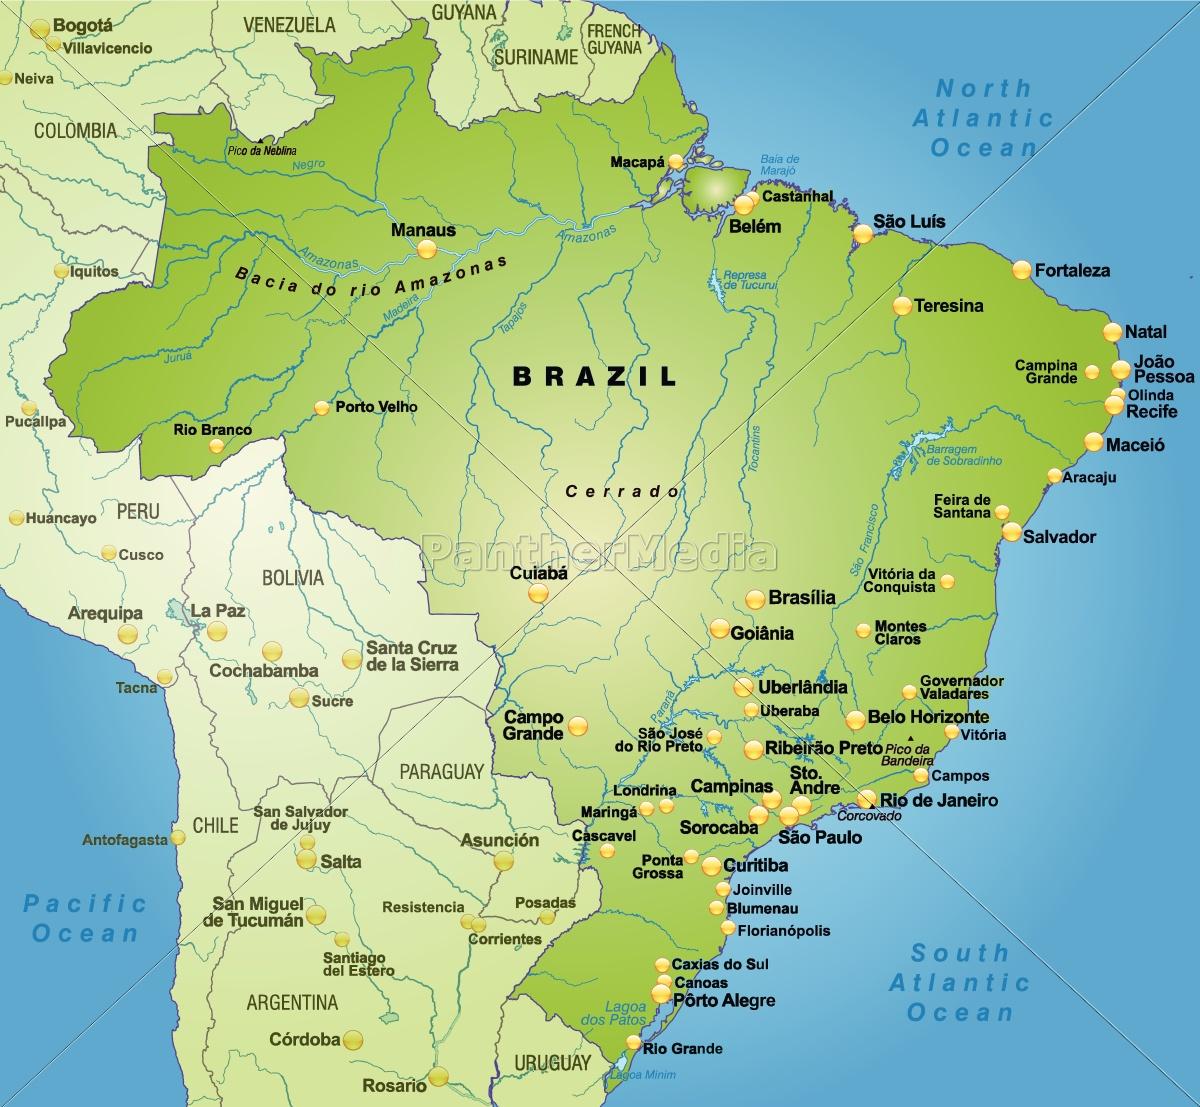 Kort Over Brasilien Som Et Oversigtskort I Gron Royalty Free